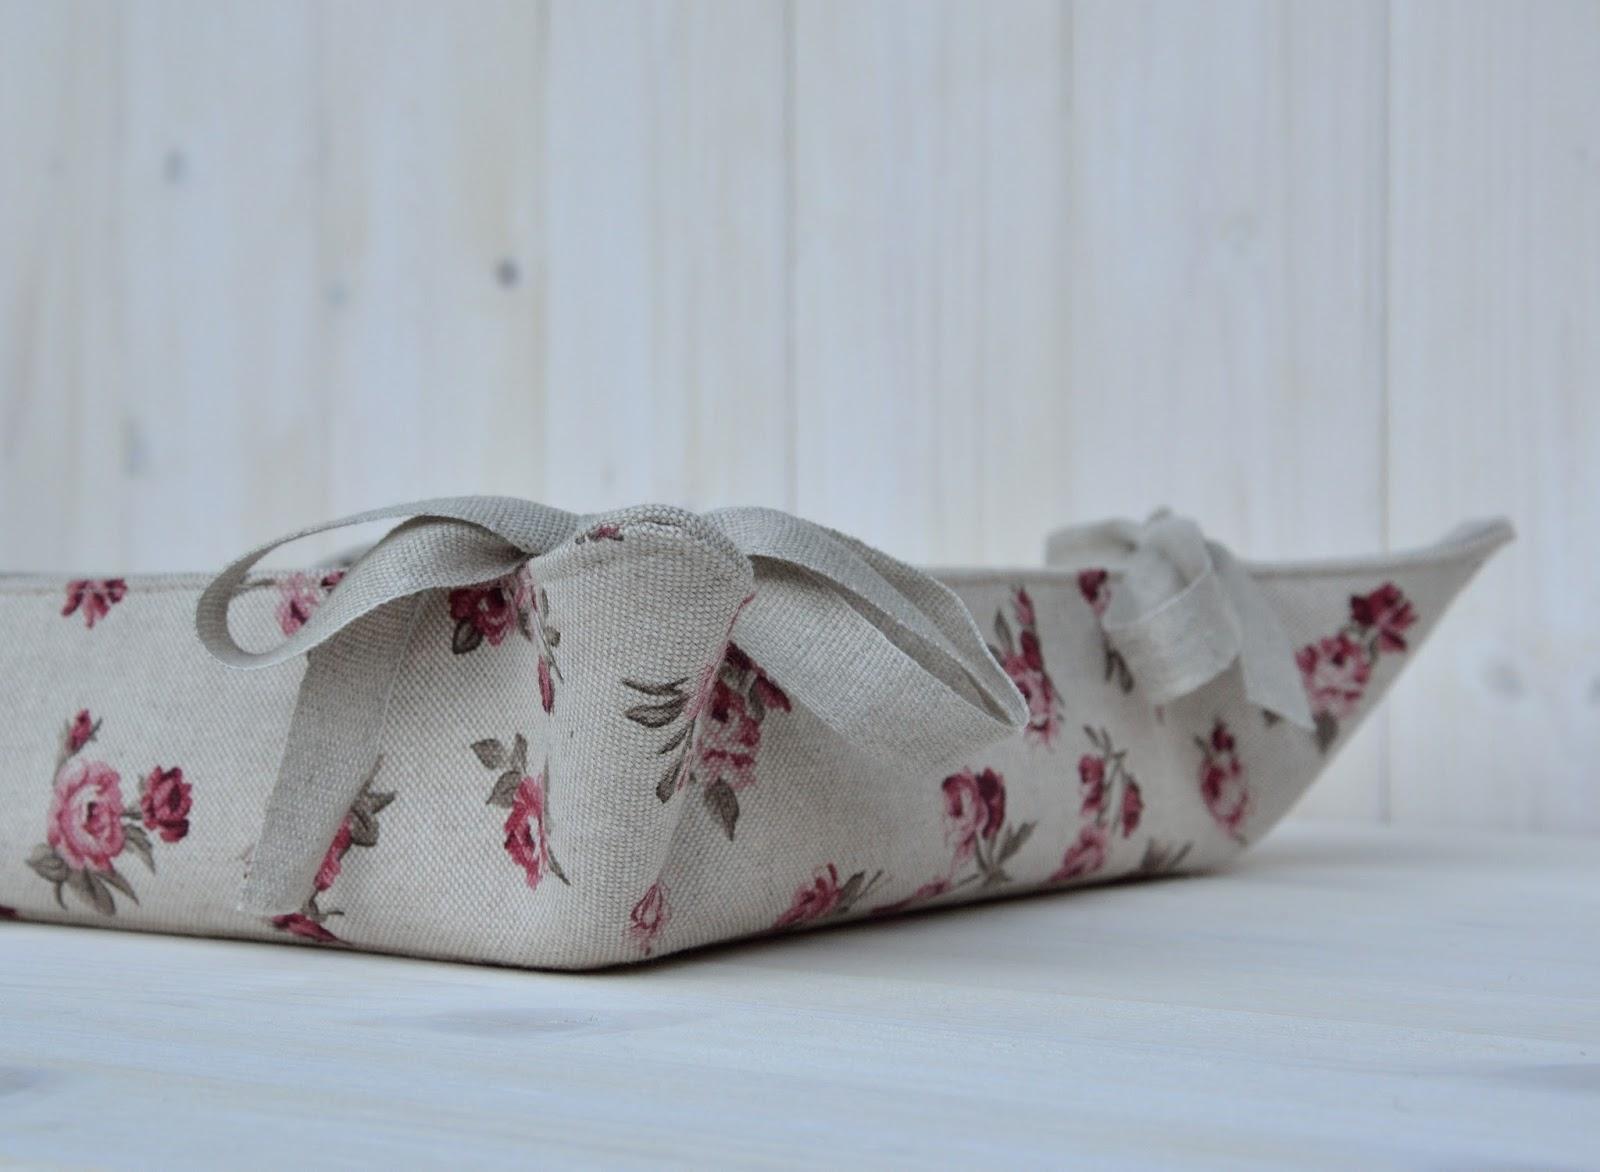 La soffitta dei ghiri cestino portapane o svuotatasche fai da te - Porta per soffitta ...